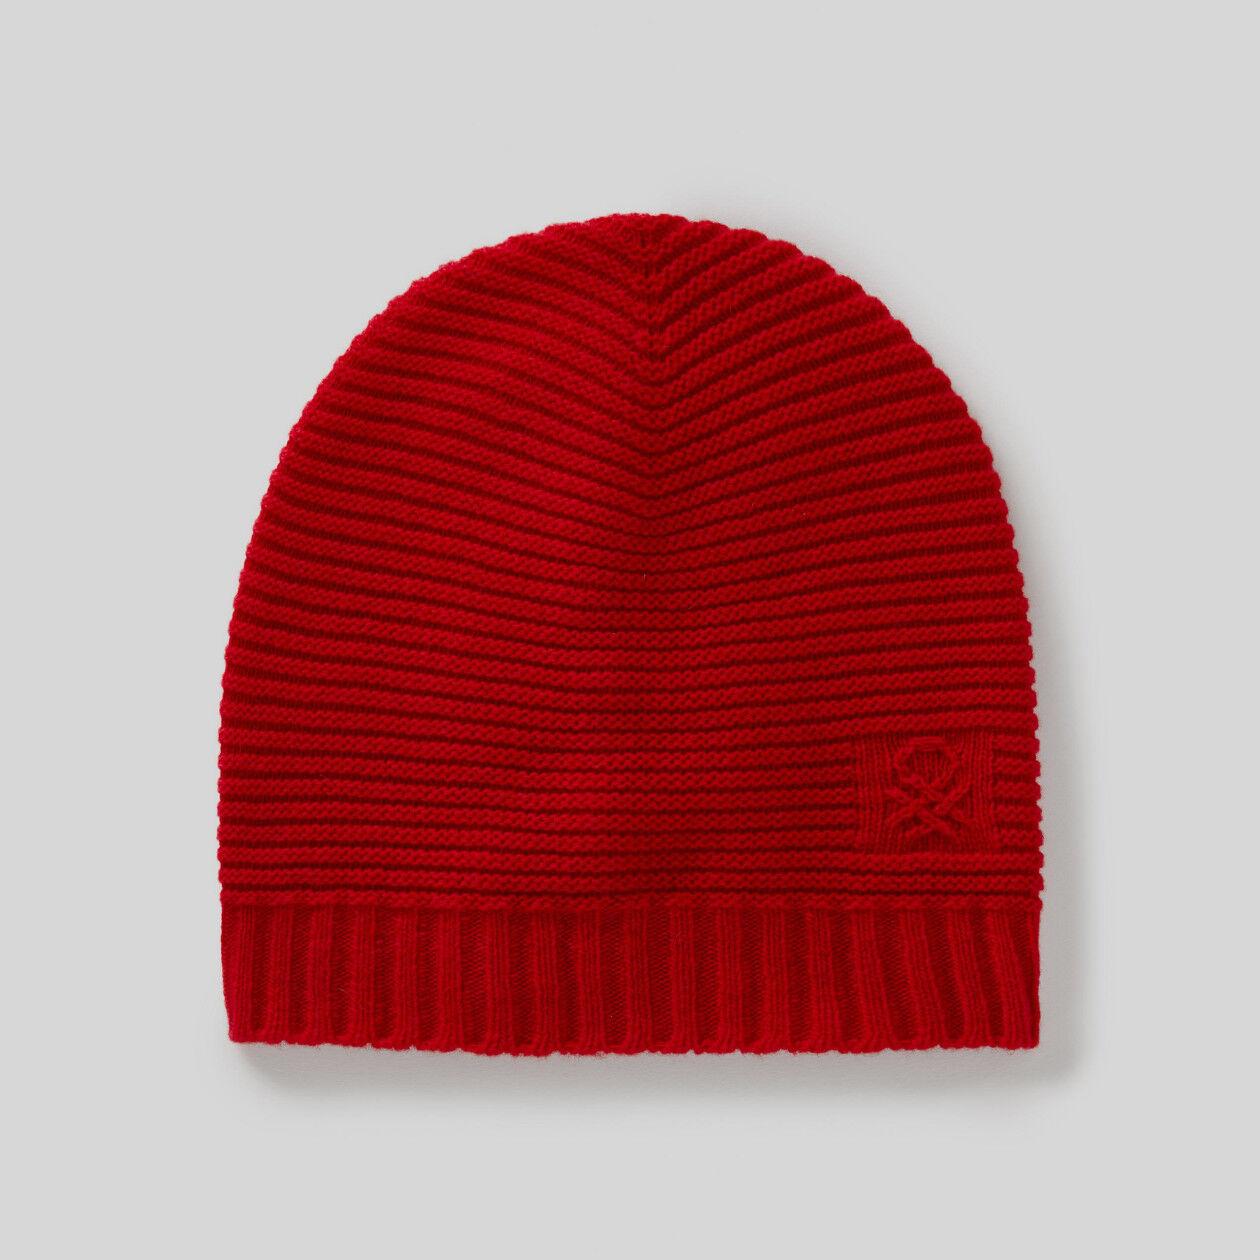 Mütze aus einer Wollmischung